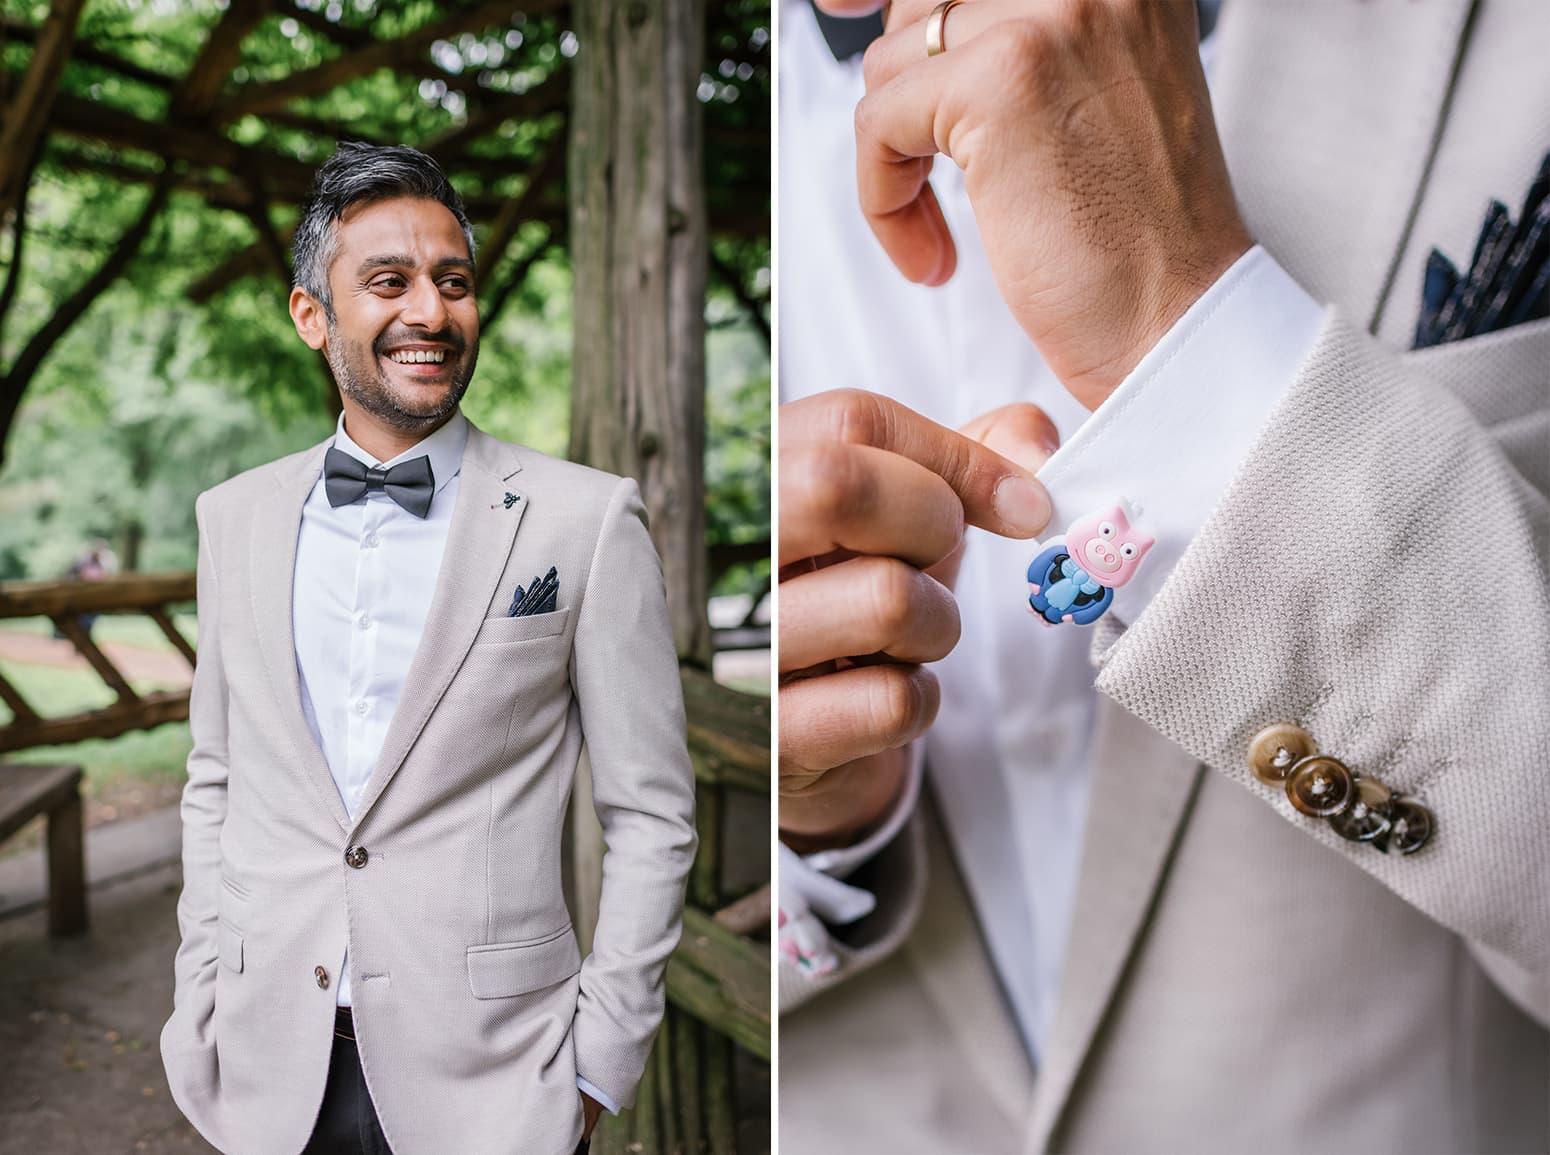 Small Cop Cot wedding groom photos